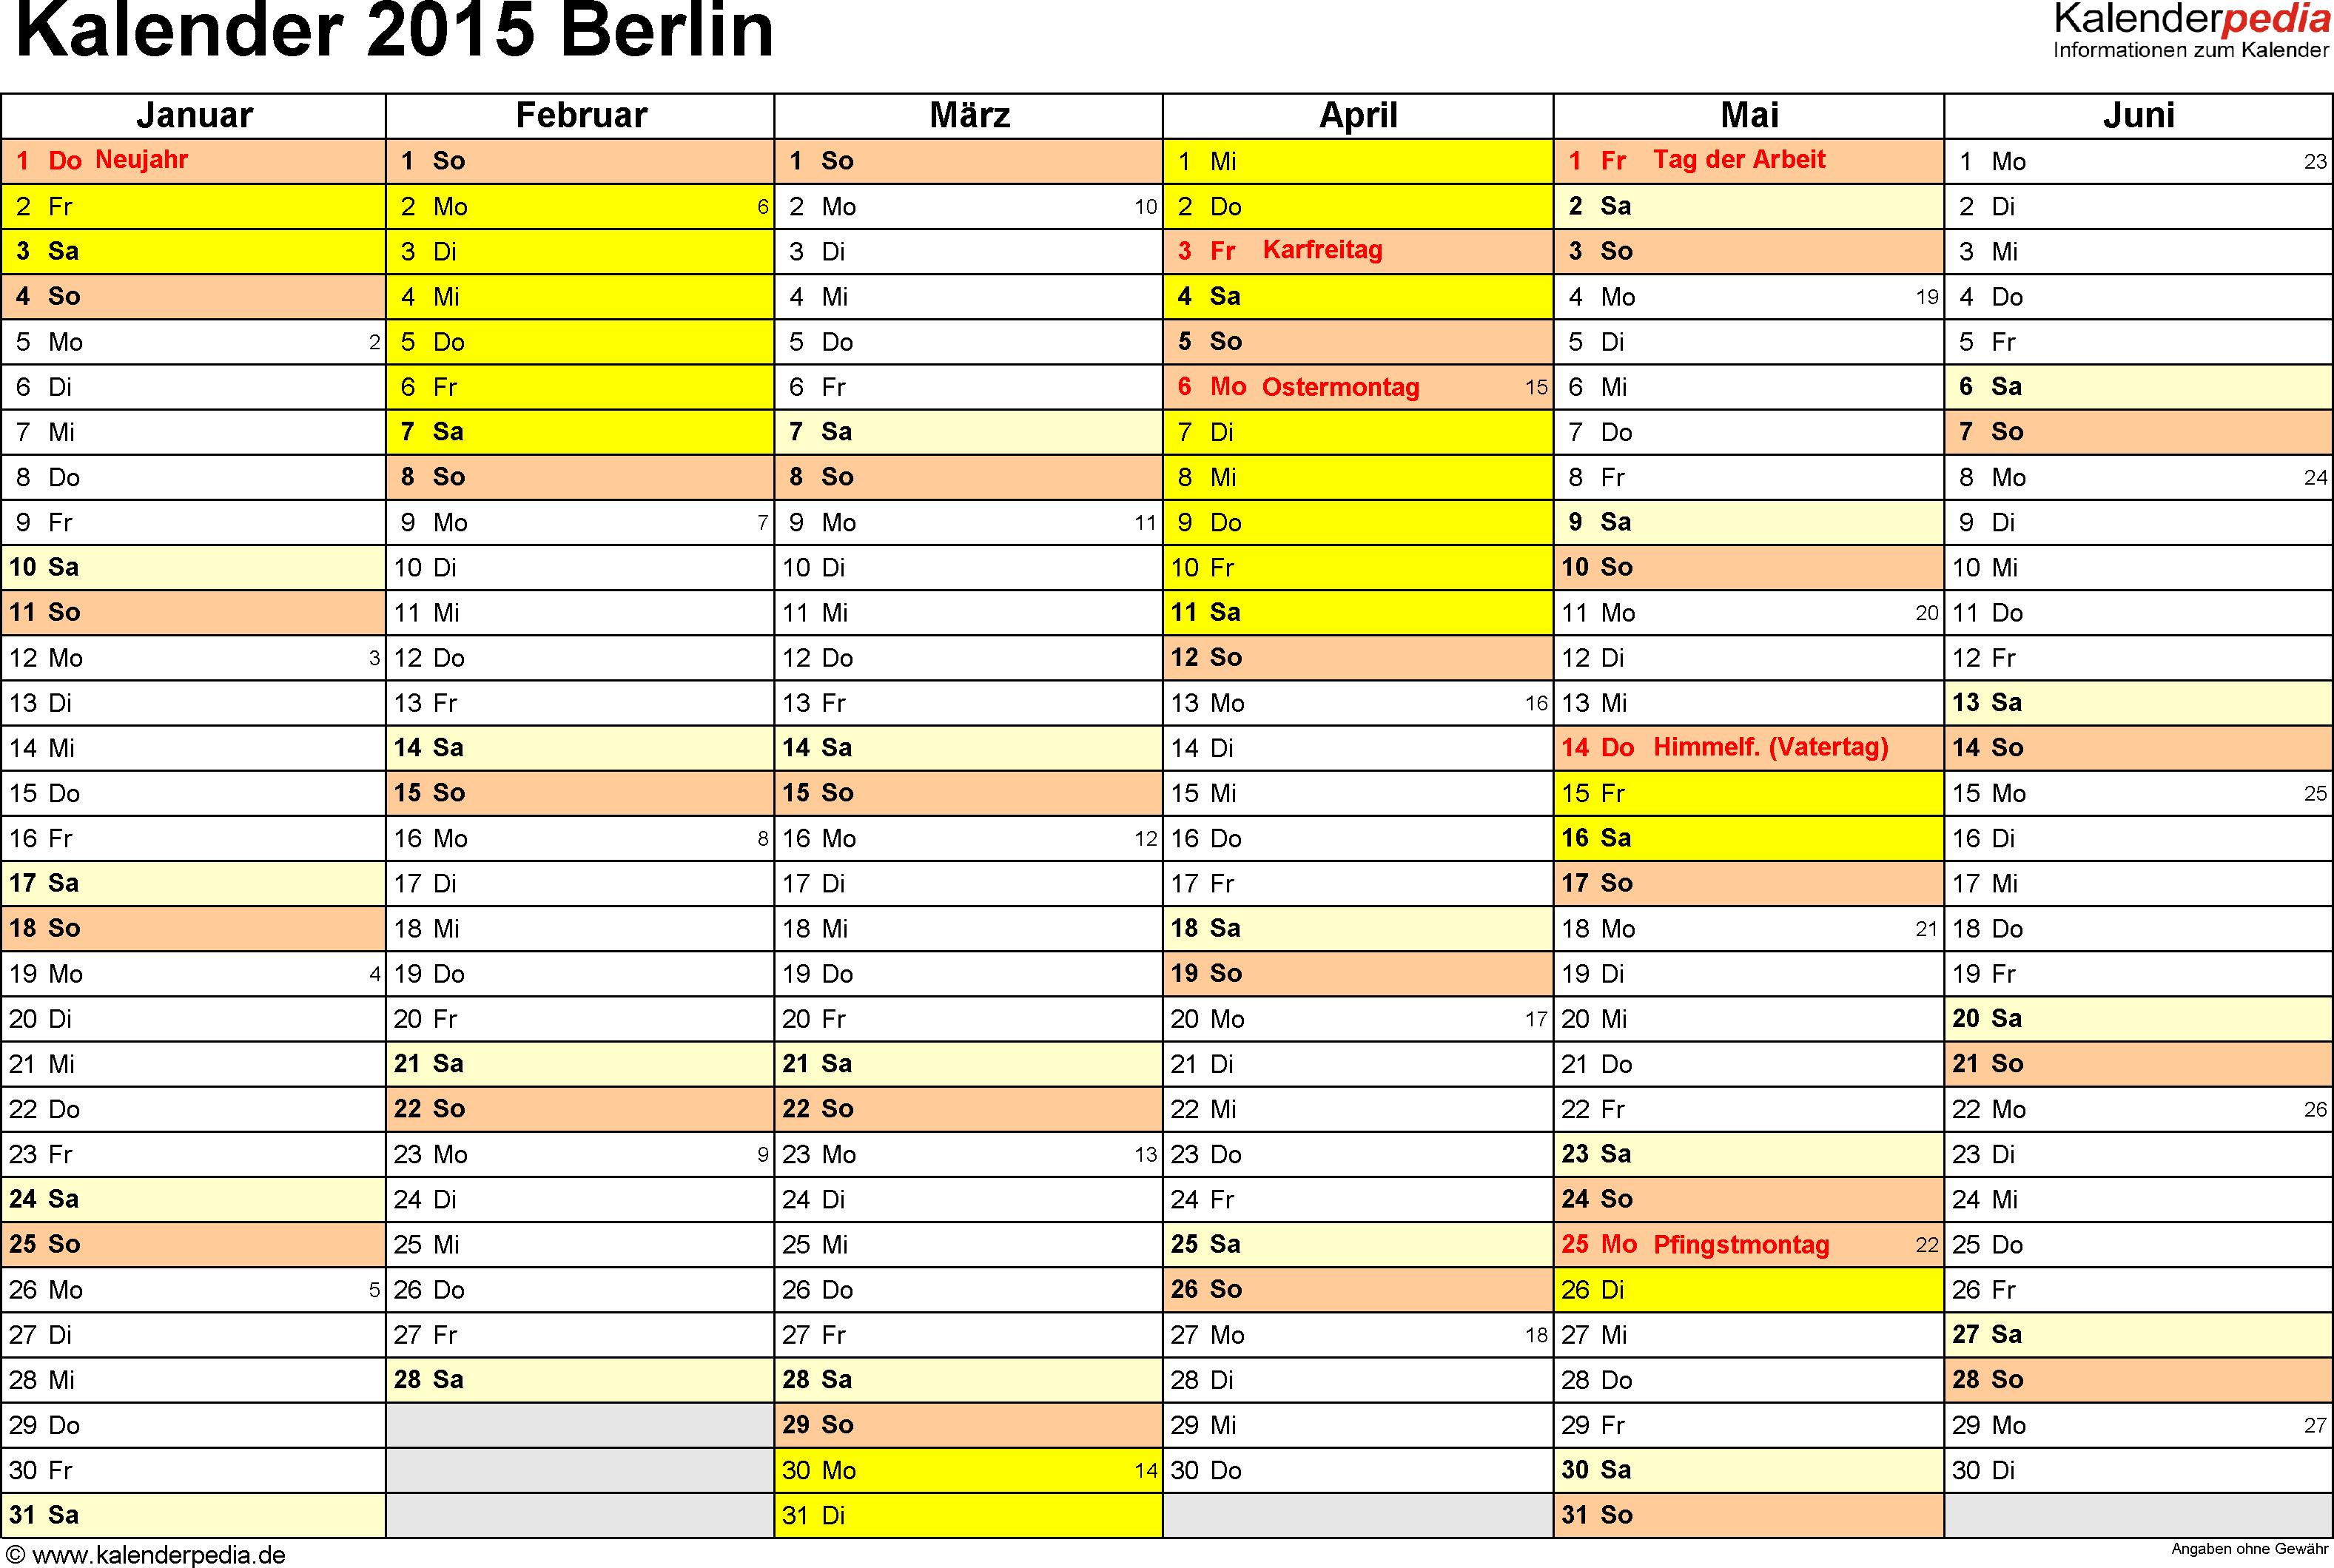 Vorlage 3: Kalender 2015 für Berlin als PDF-Vorlagen (Querformat, 2 Seiten)